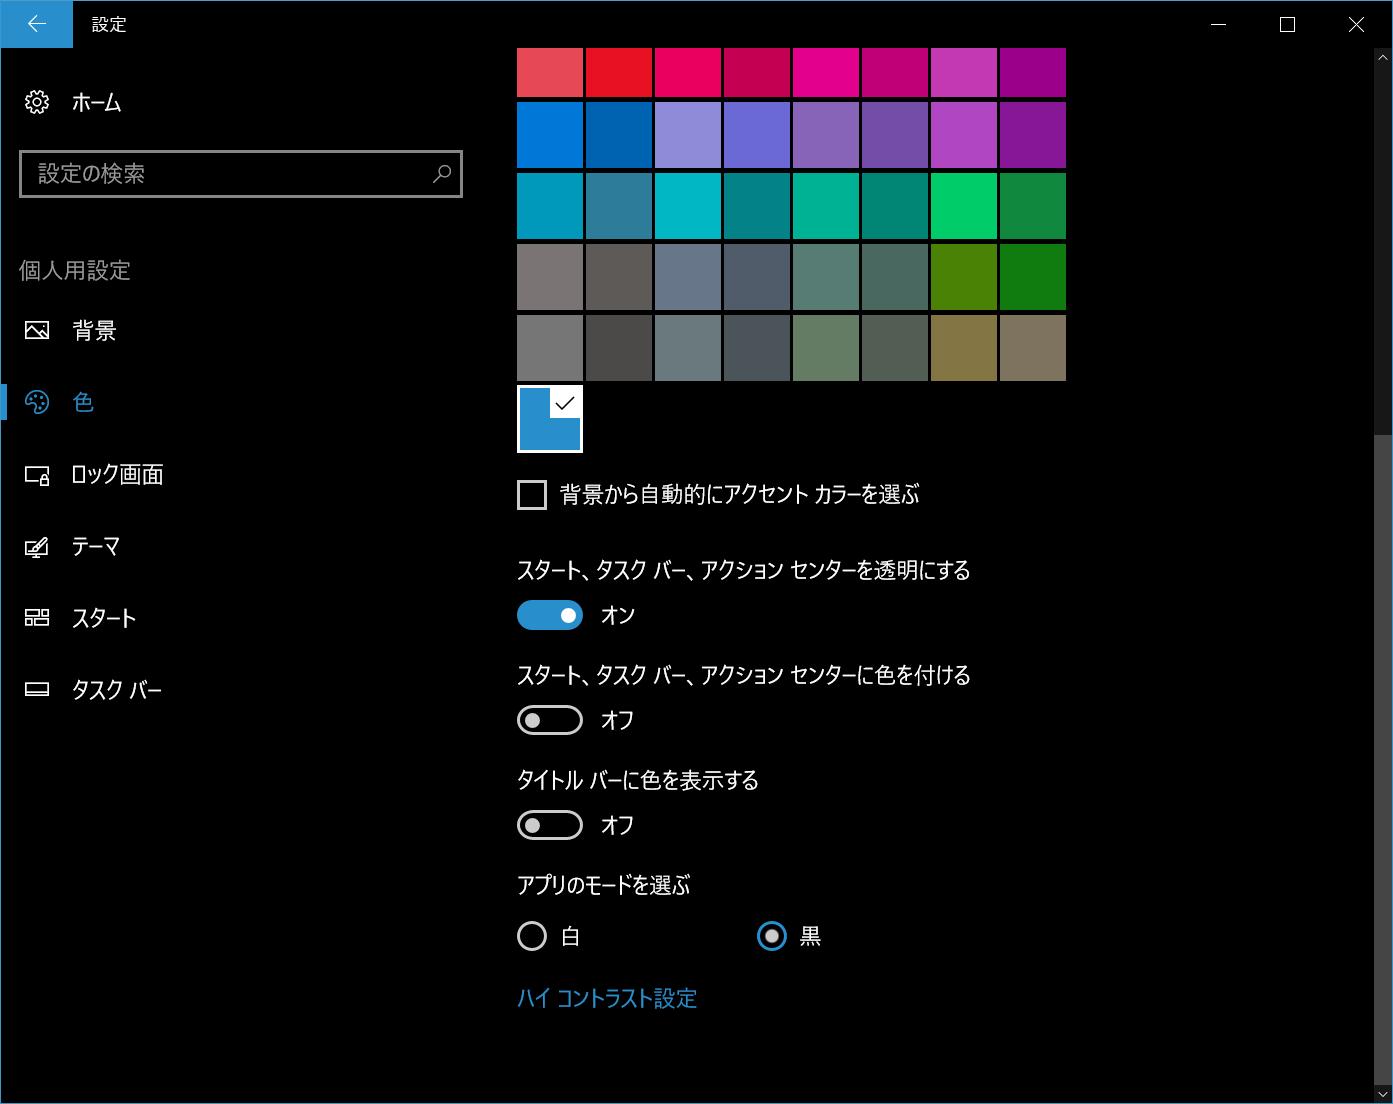 黒背景の方が疲れにくい デスクトップの色を変更する いまさら聞け